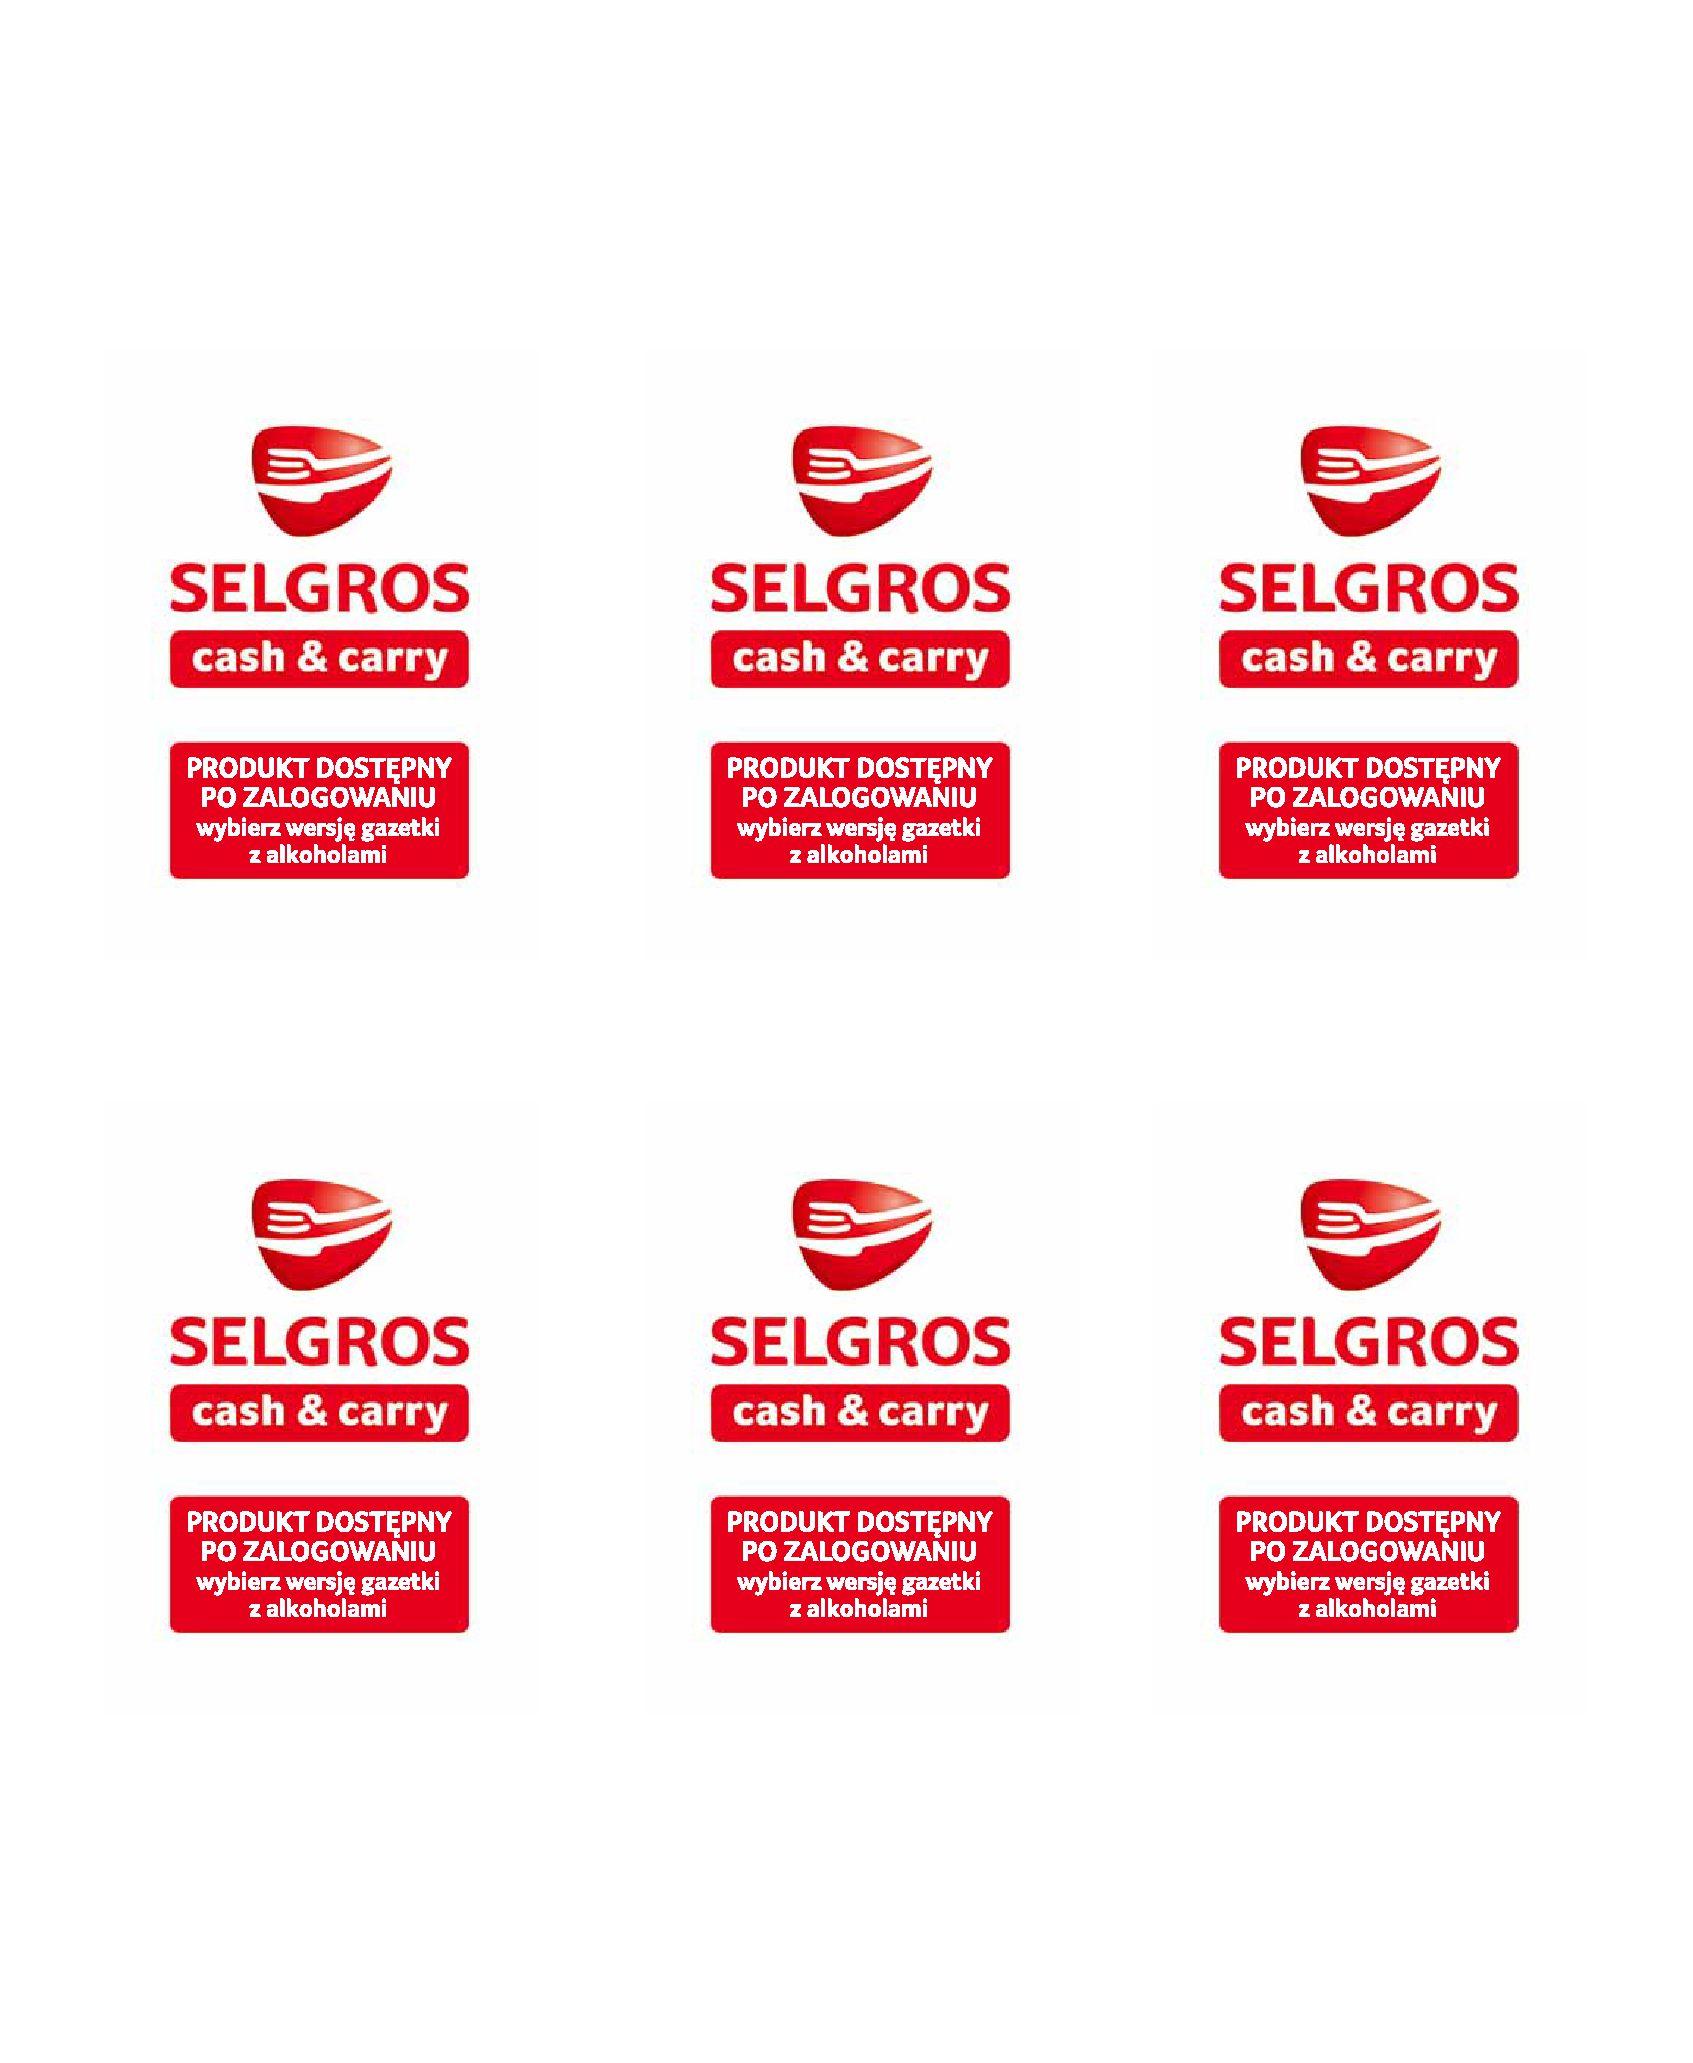 Gazetka Selgros - Oferta spożywcza-13.08.2019-28.08.2019-page-